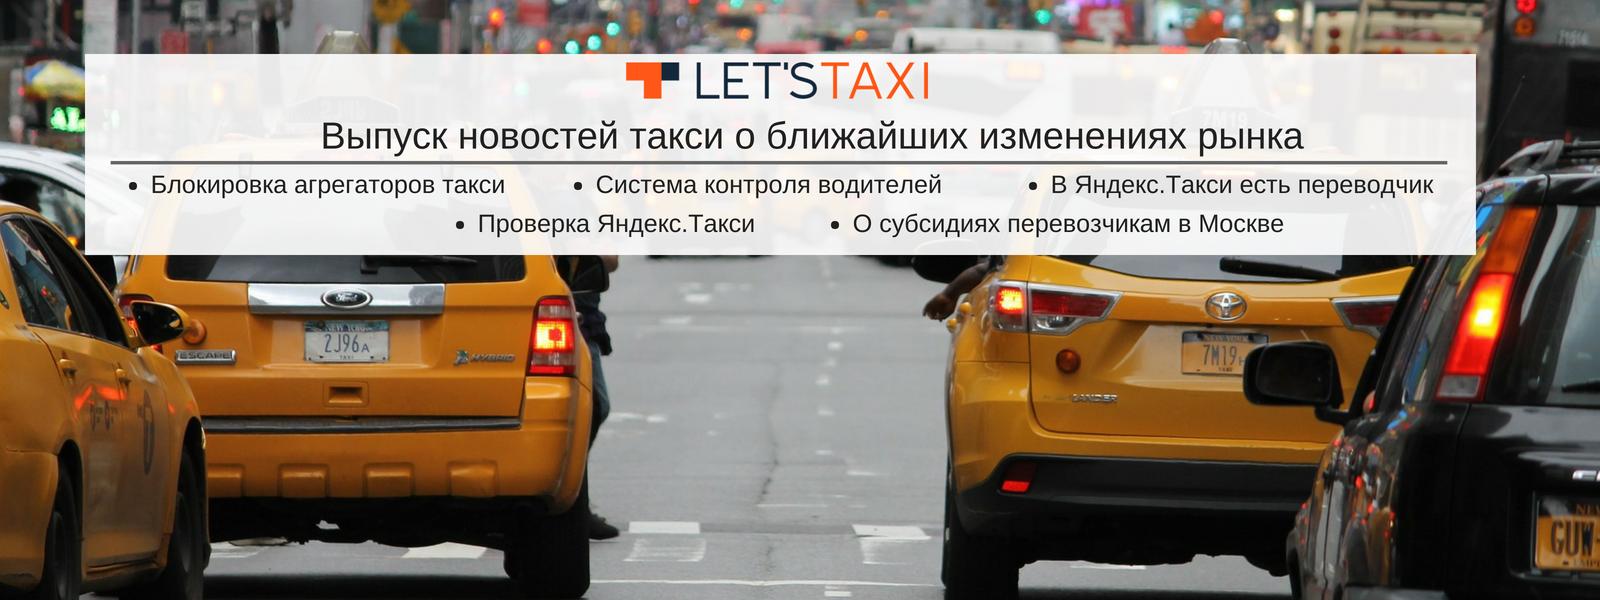 выпуск новостей о такси